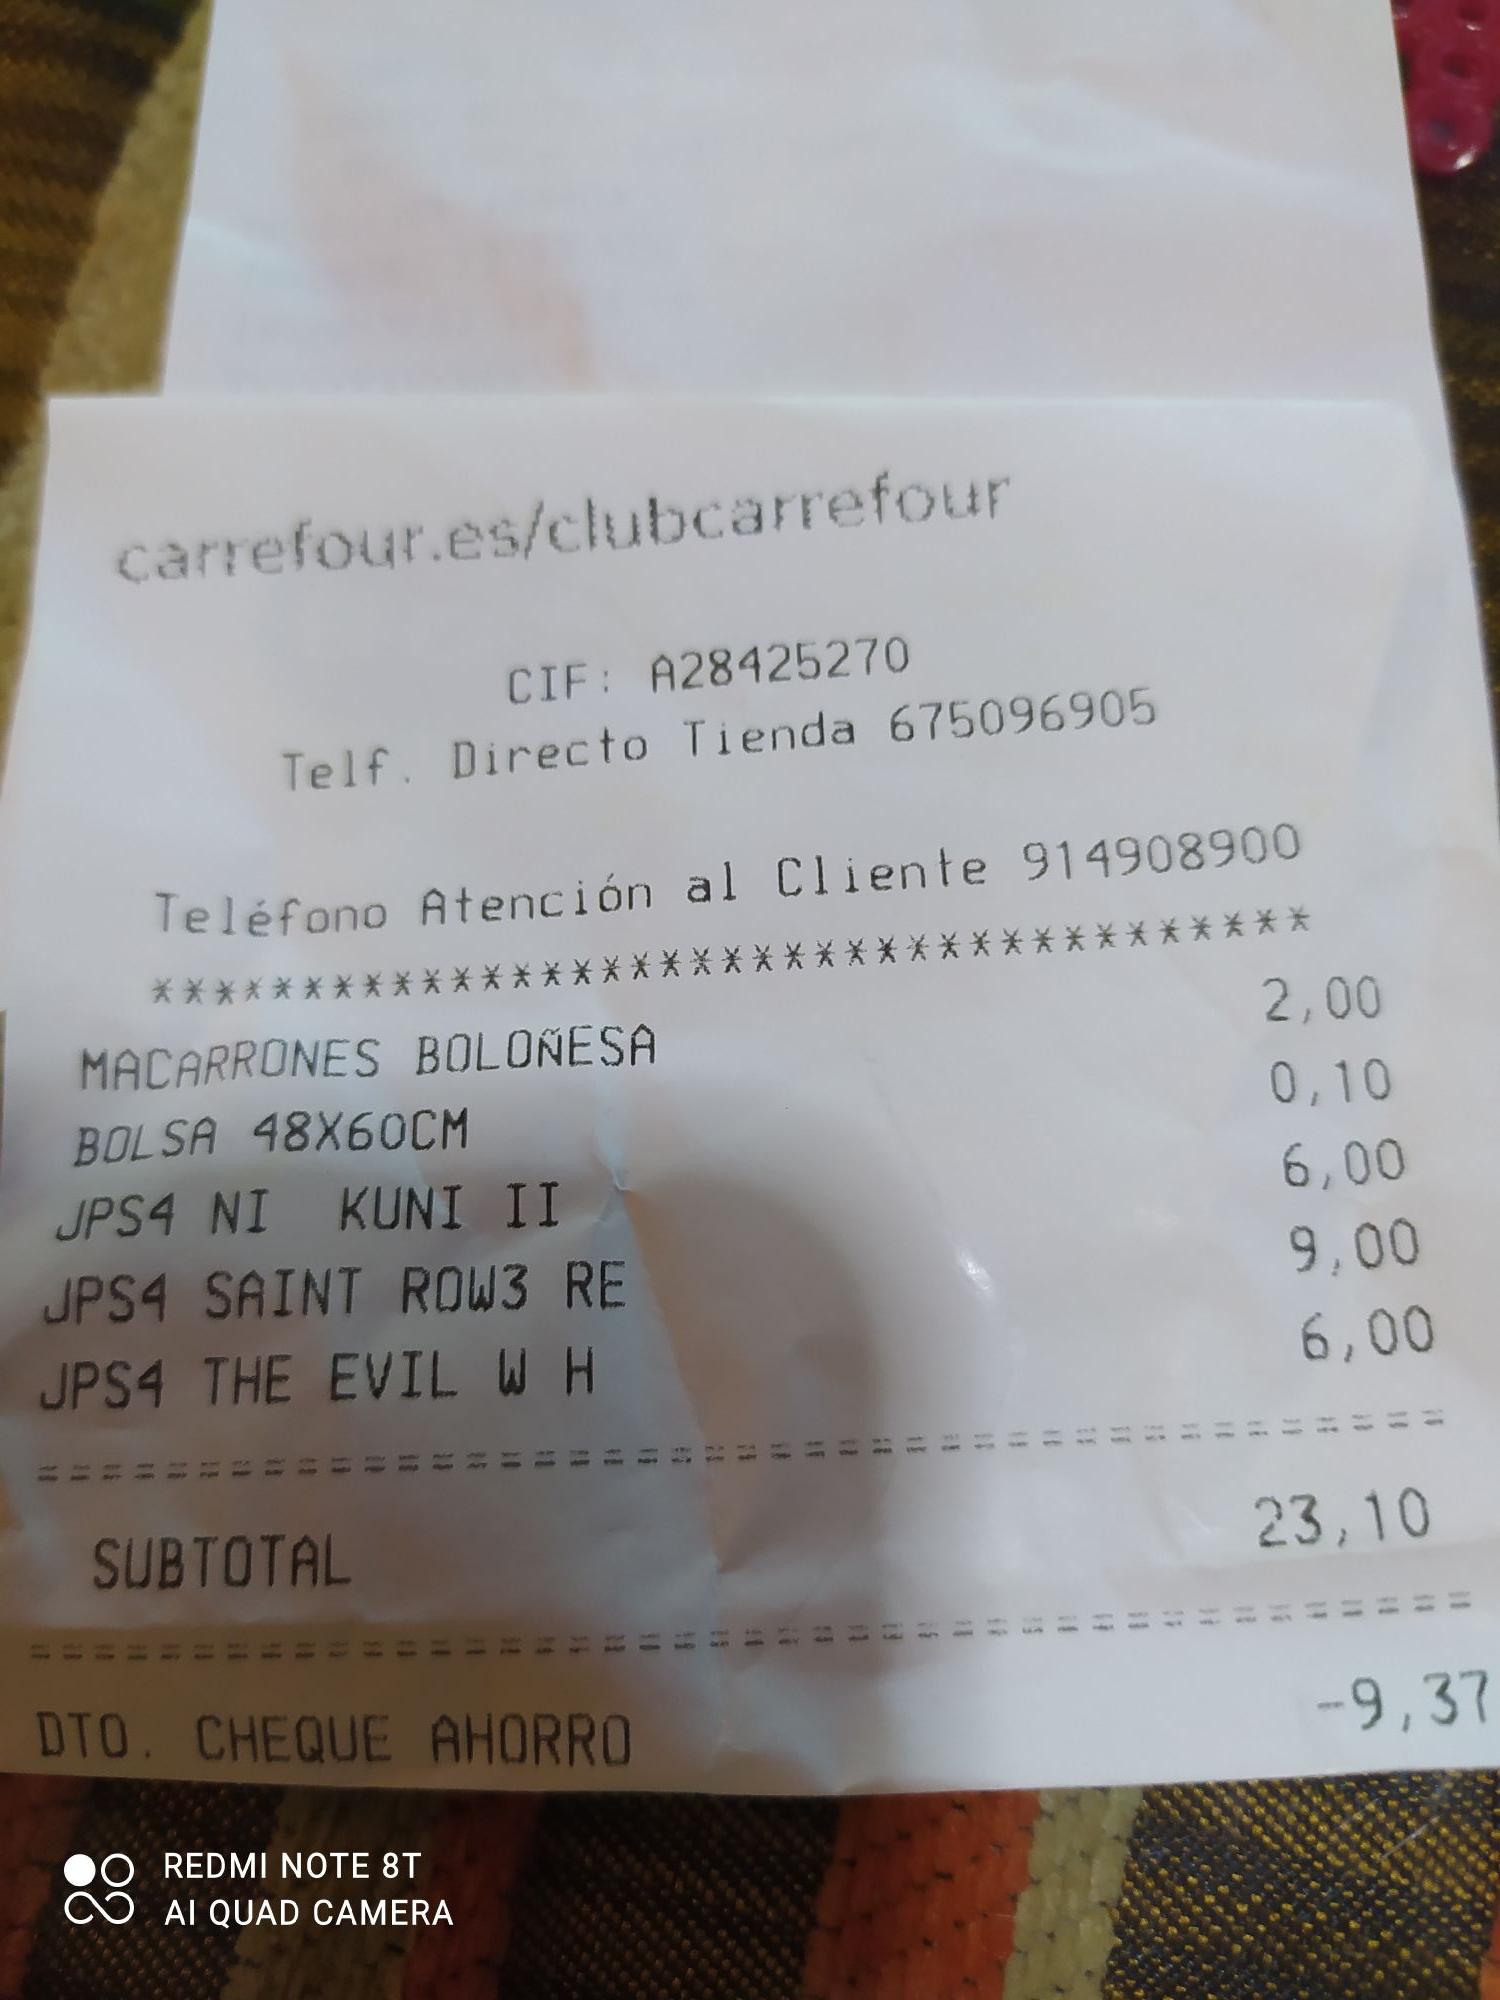 Juegos ps4 Carrefour Dos Hermanas